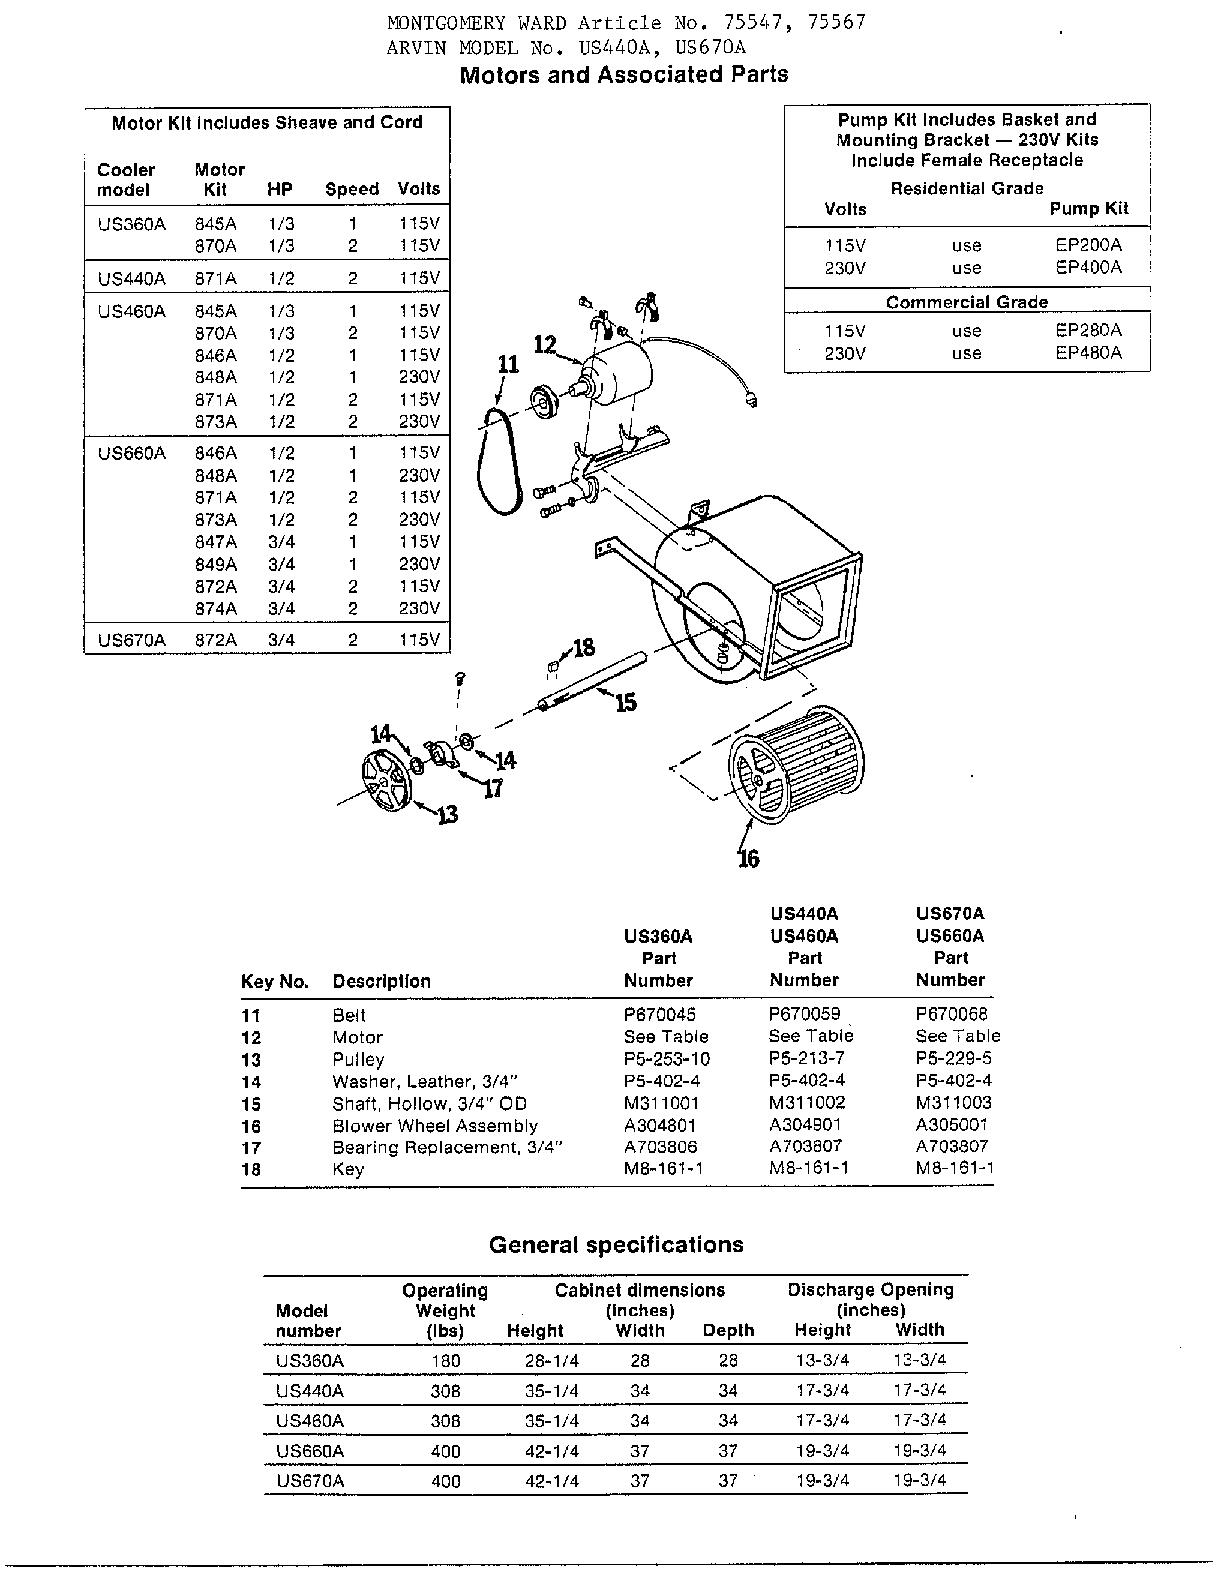 Arvin model UD440A evaporative cooler genuine parts